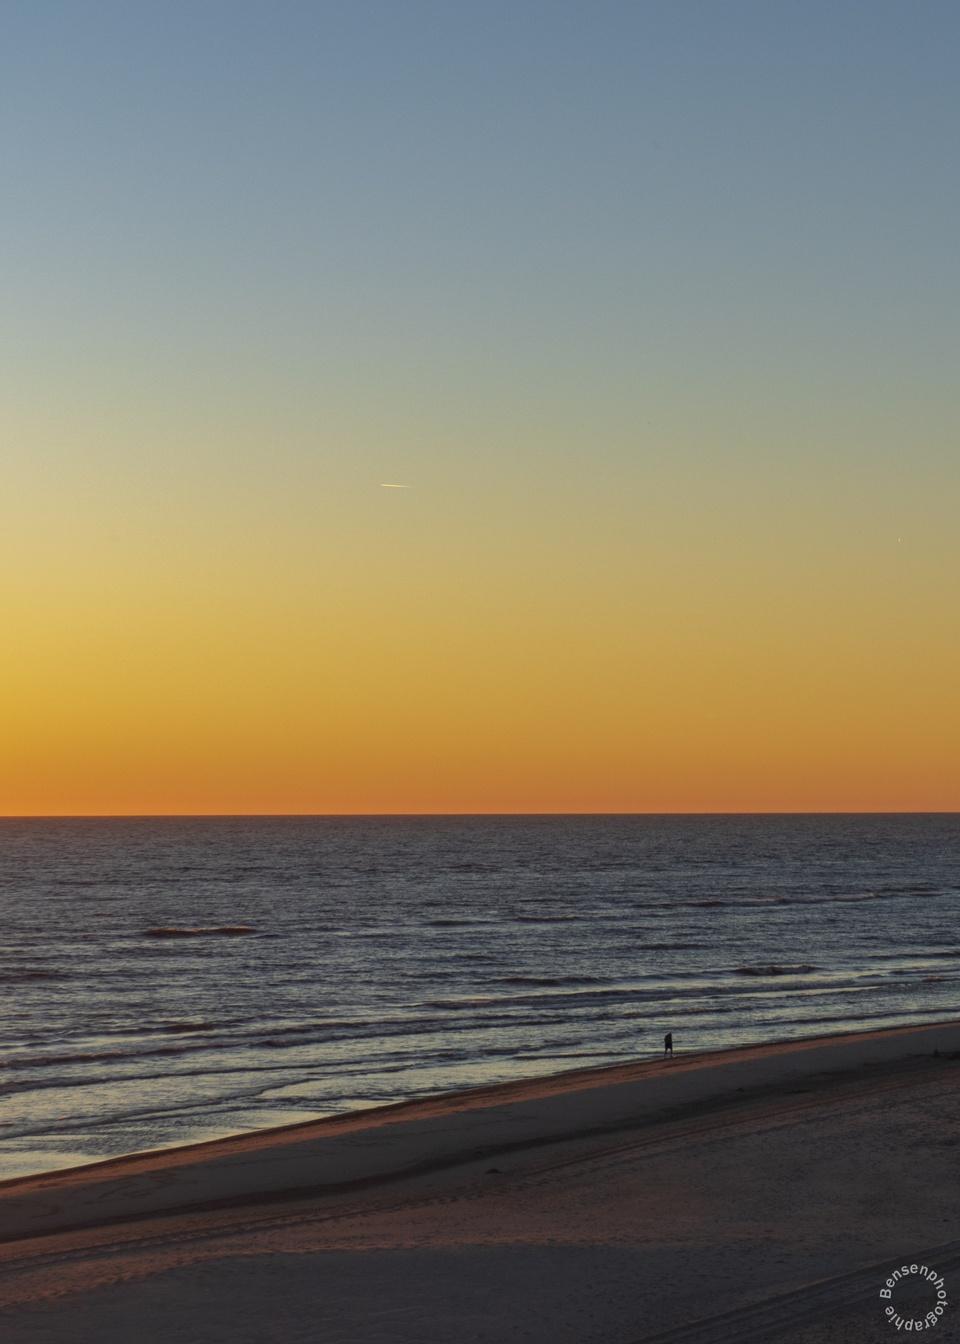 Sonnenaufgang an der Nordsee